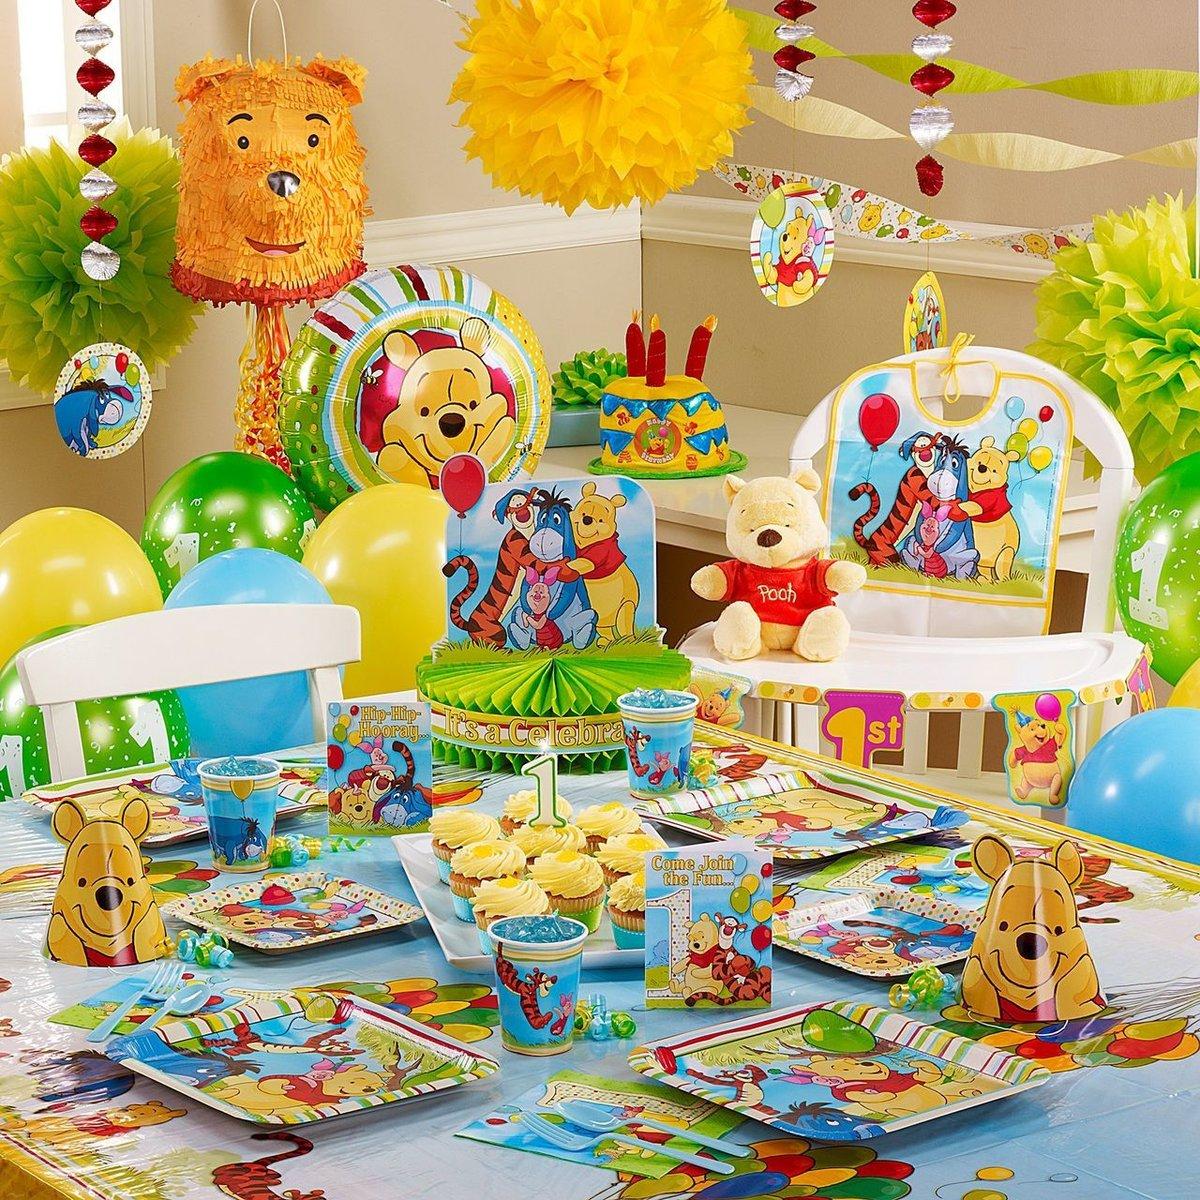 Интересное день рождения для ребенка